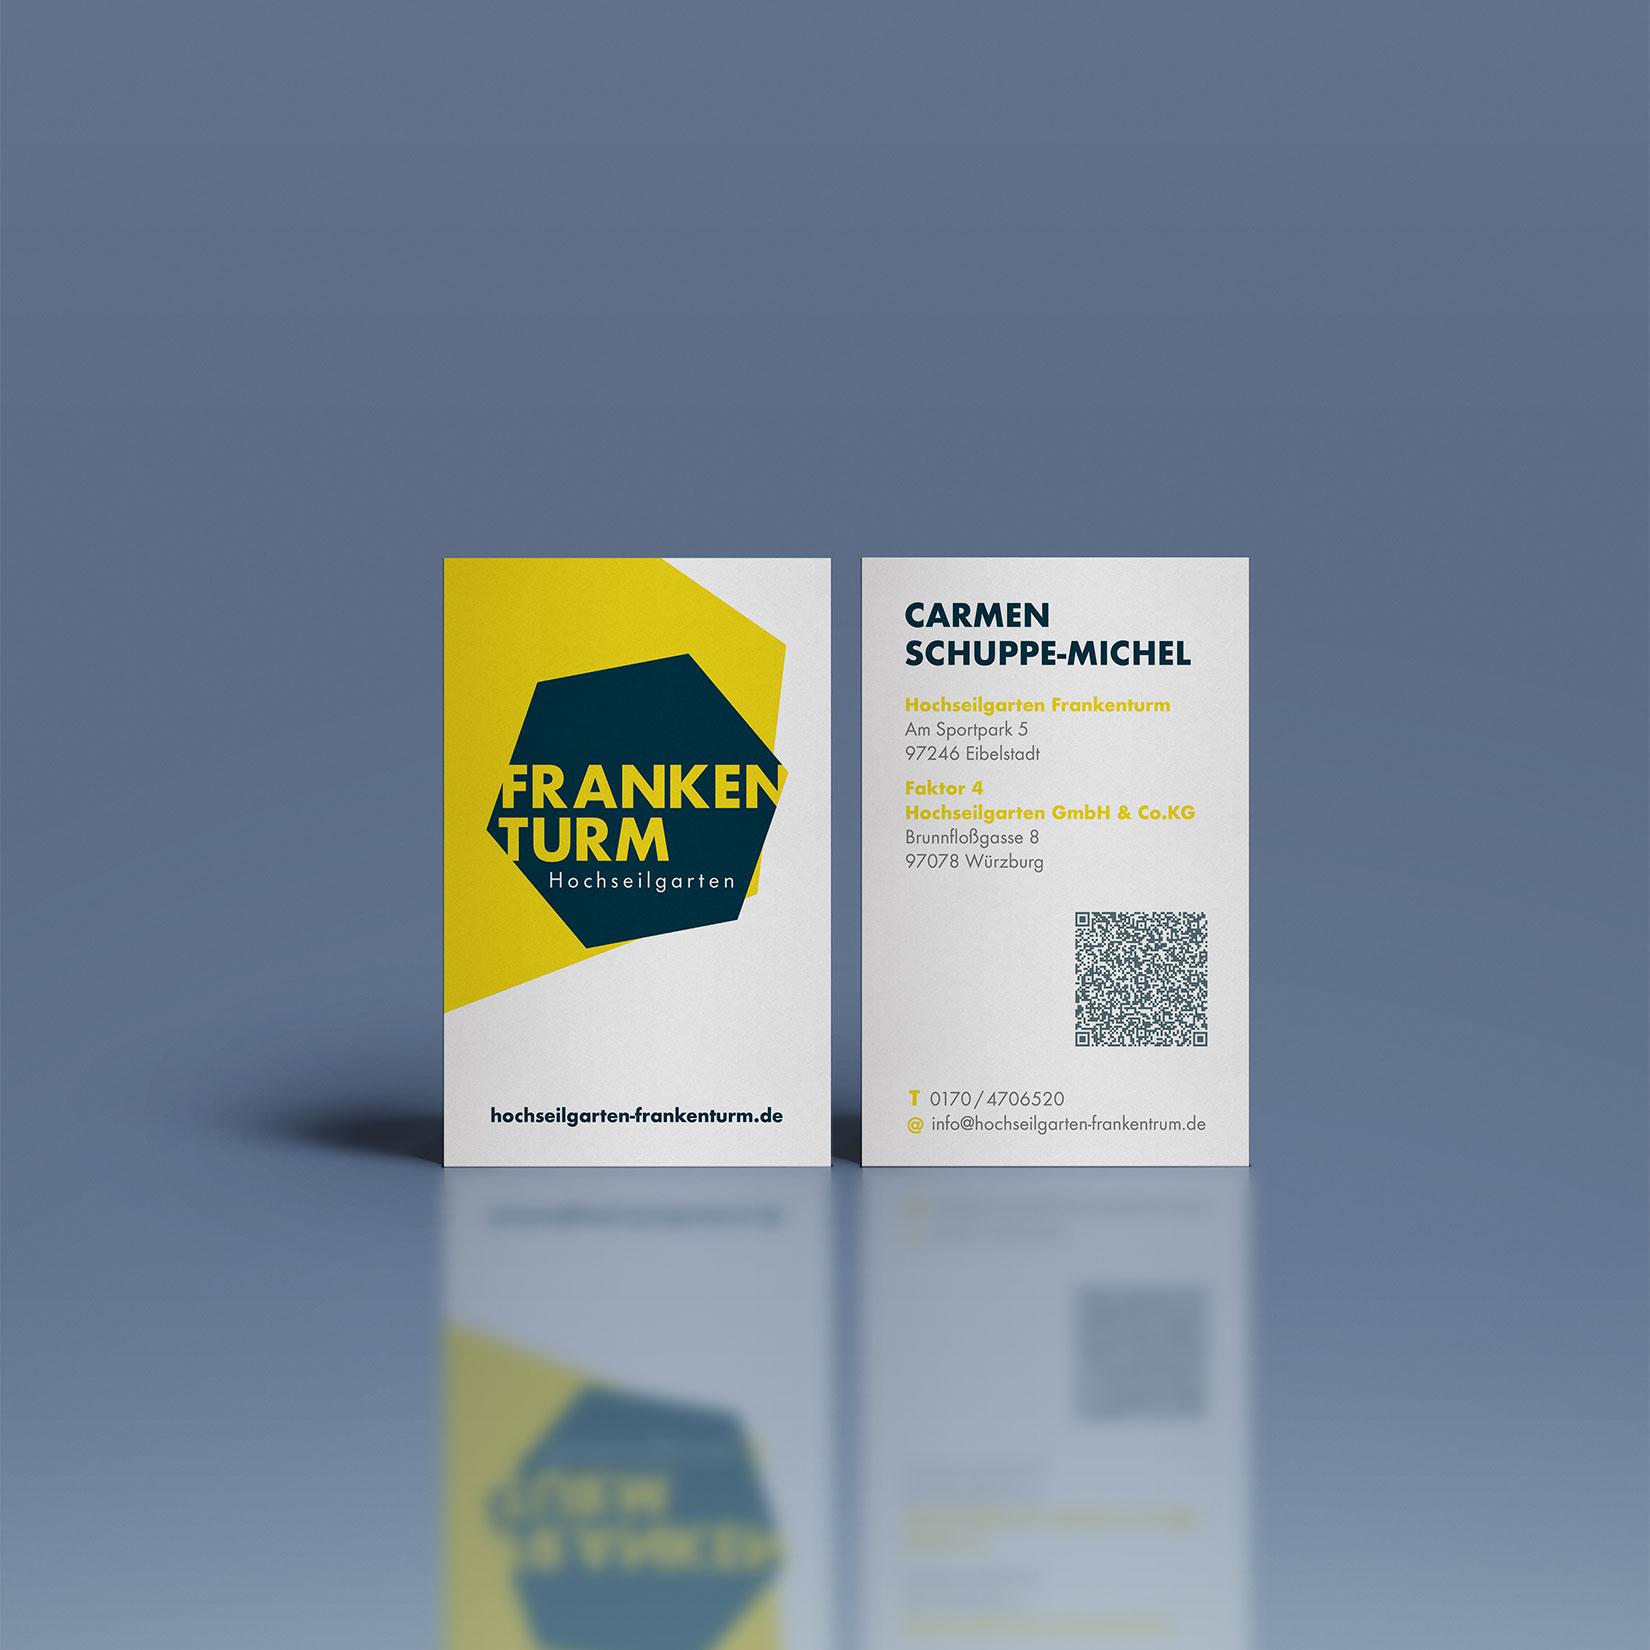 Hochseilgarten Frankenturm Corporate Design Visitenkarten